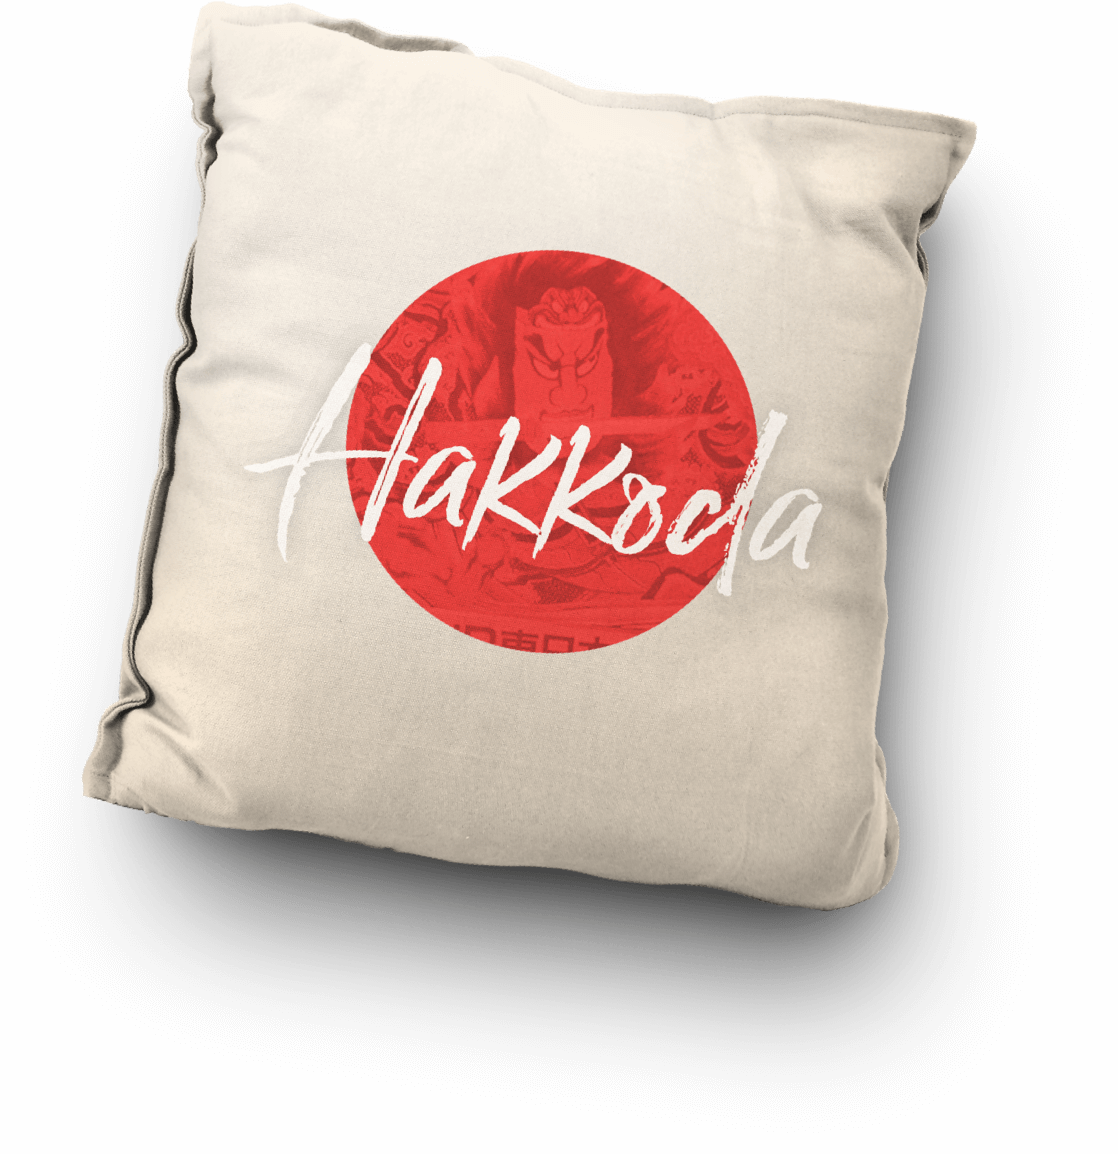 Sei Hakkoda Pillow@2x